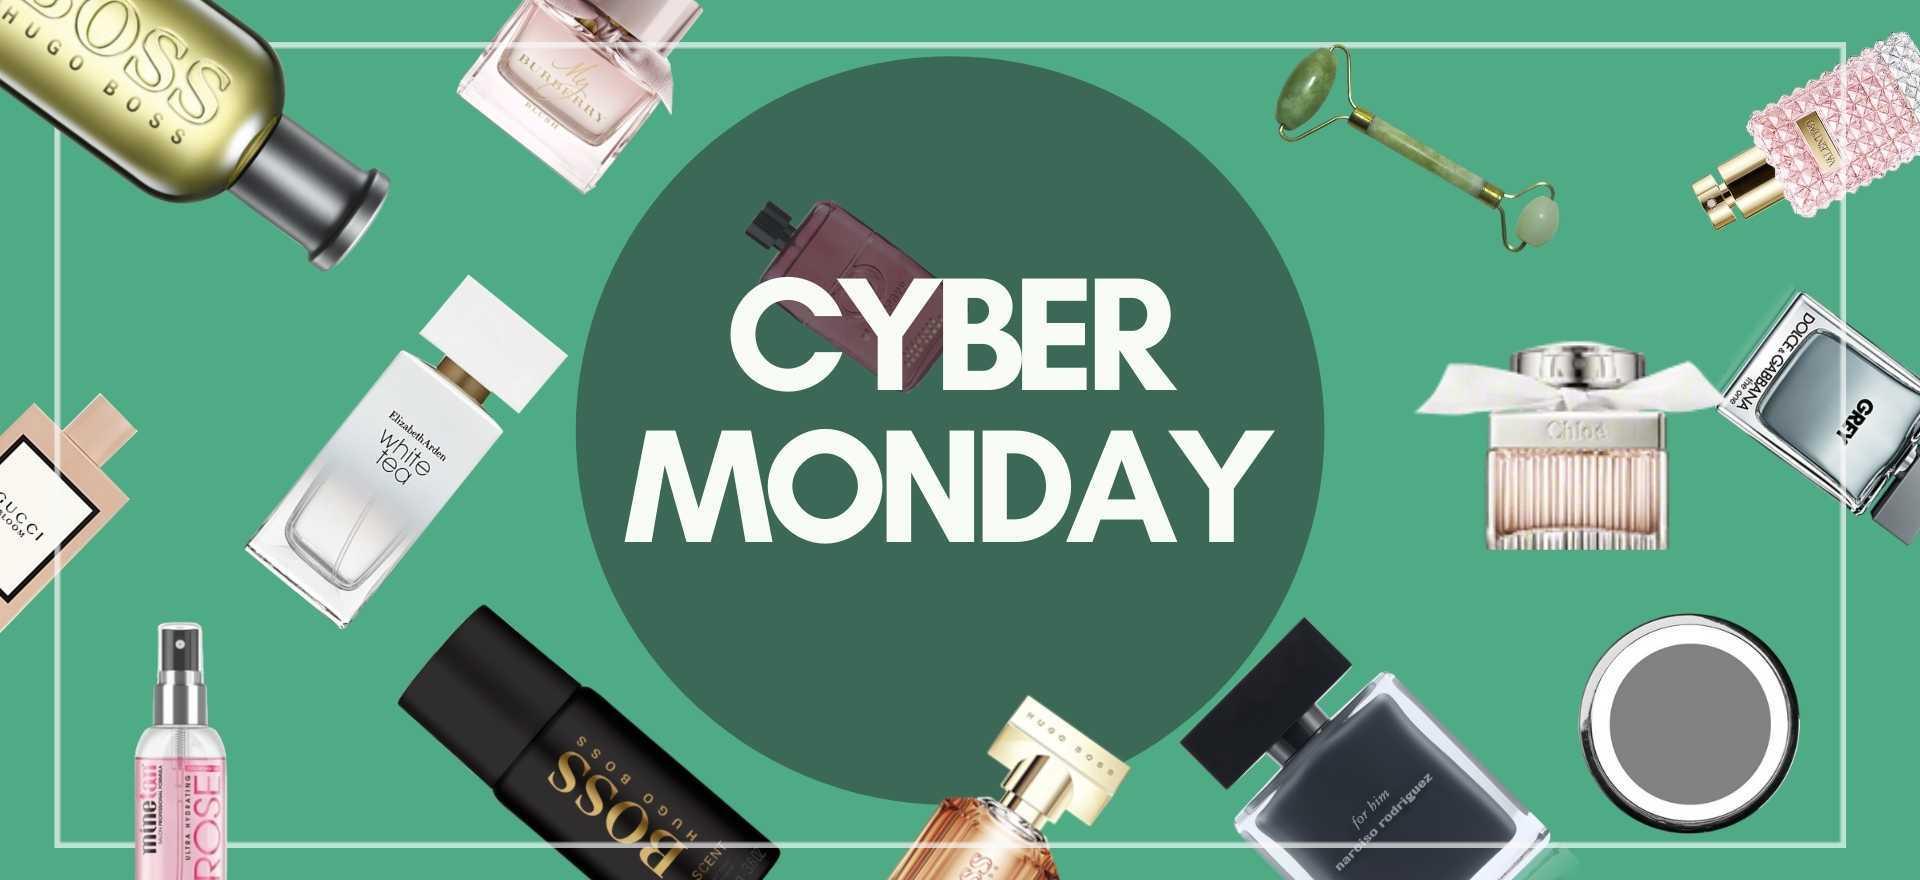 Cyber Monday tilbud hos billigparfume.dk